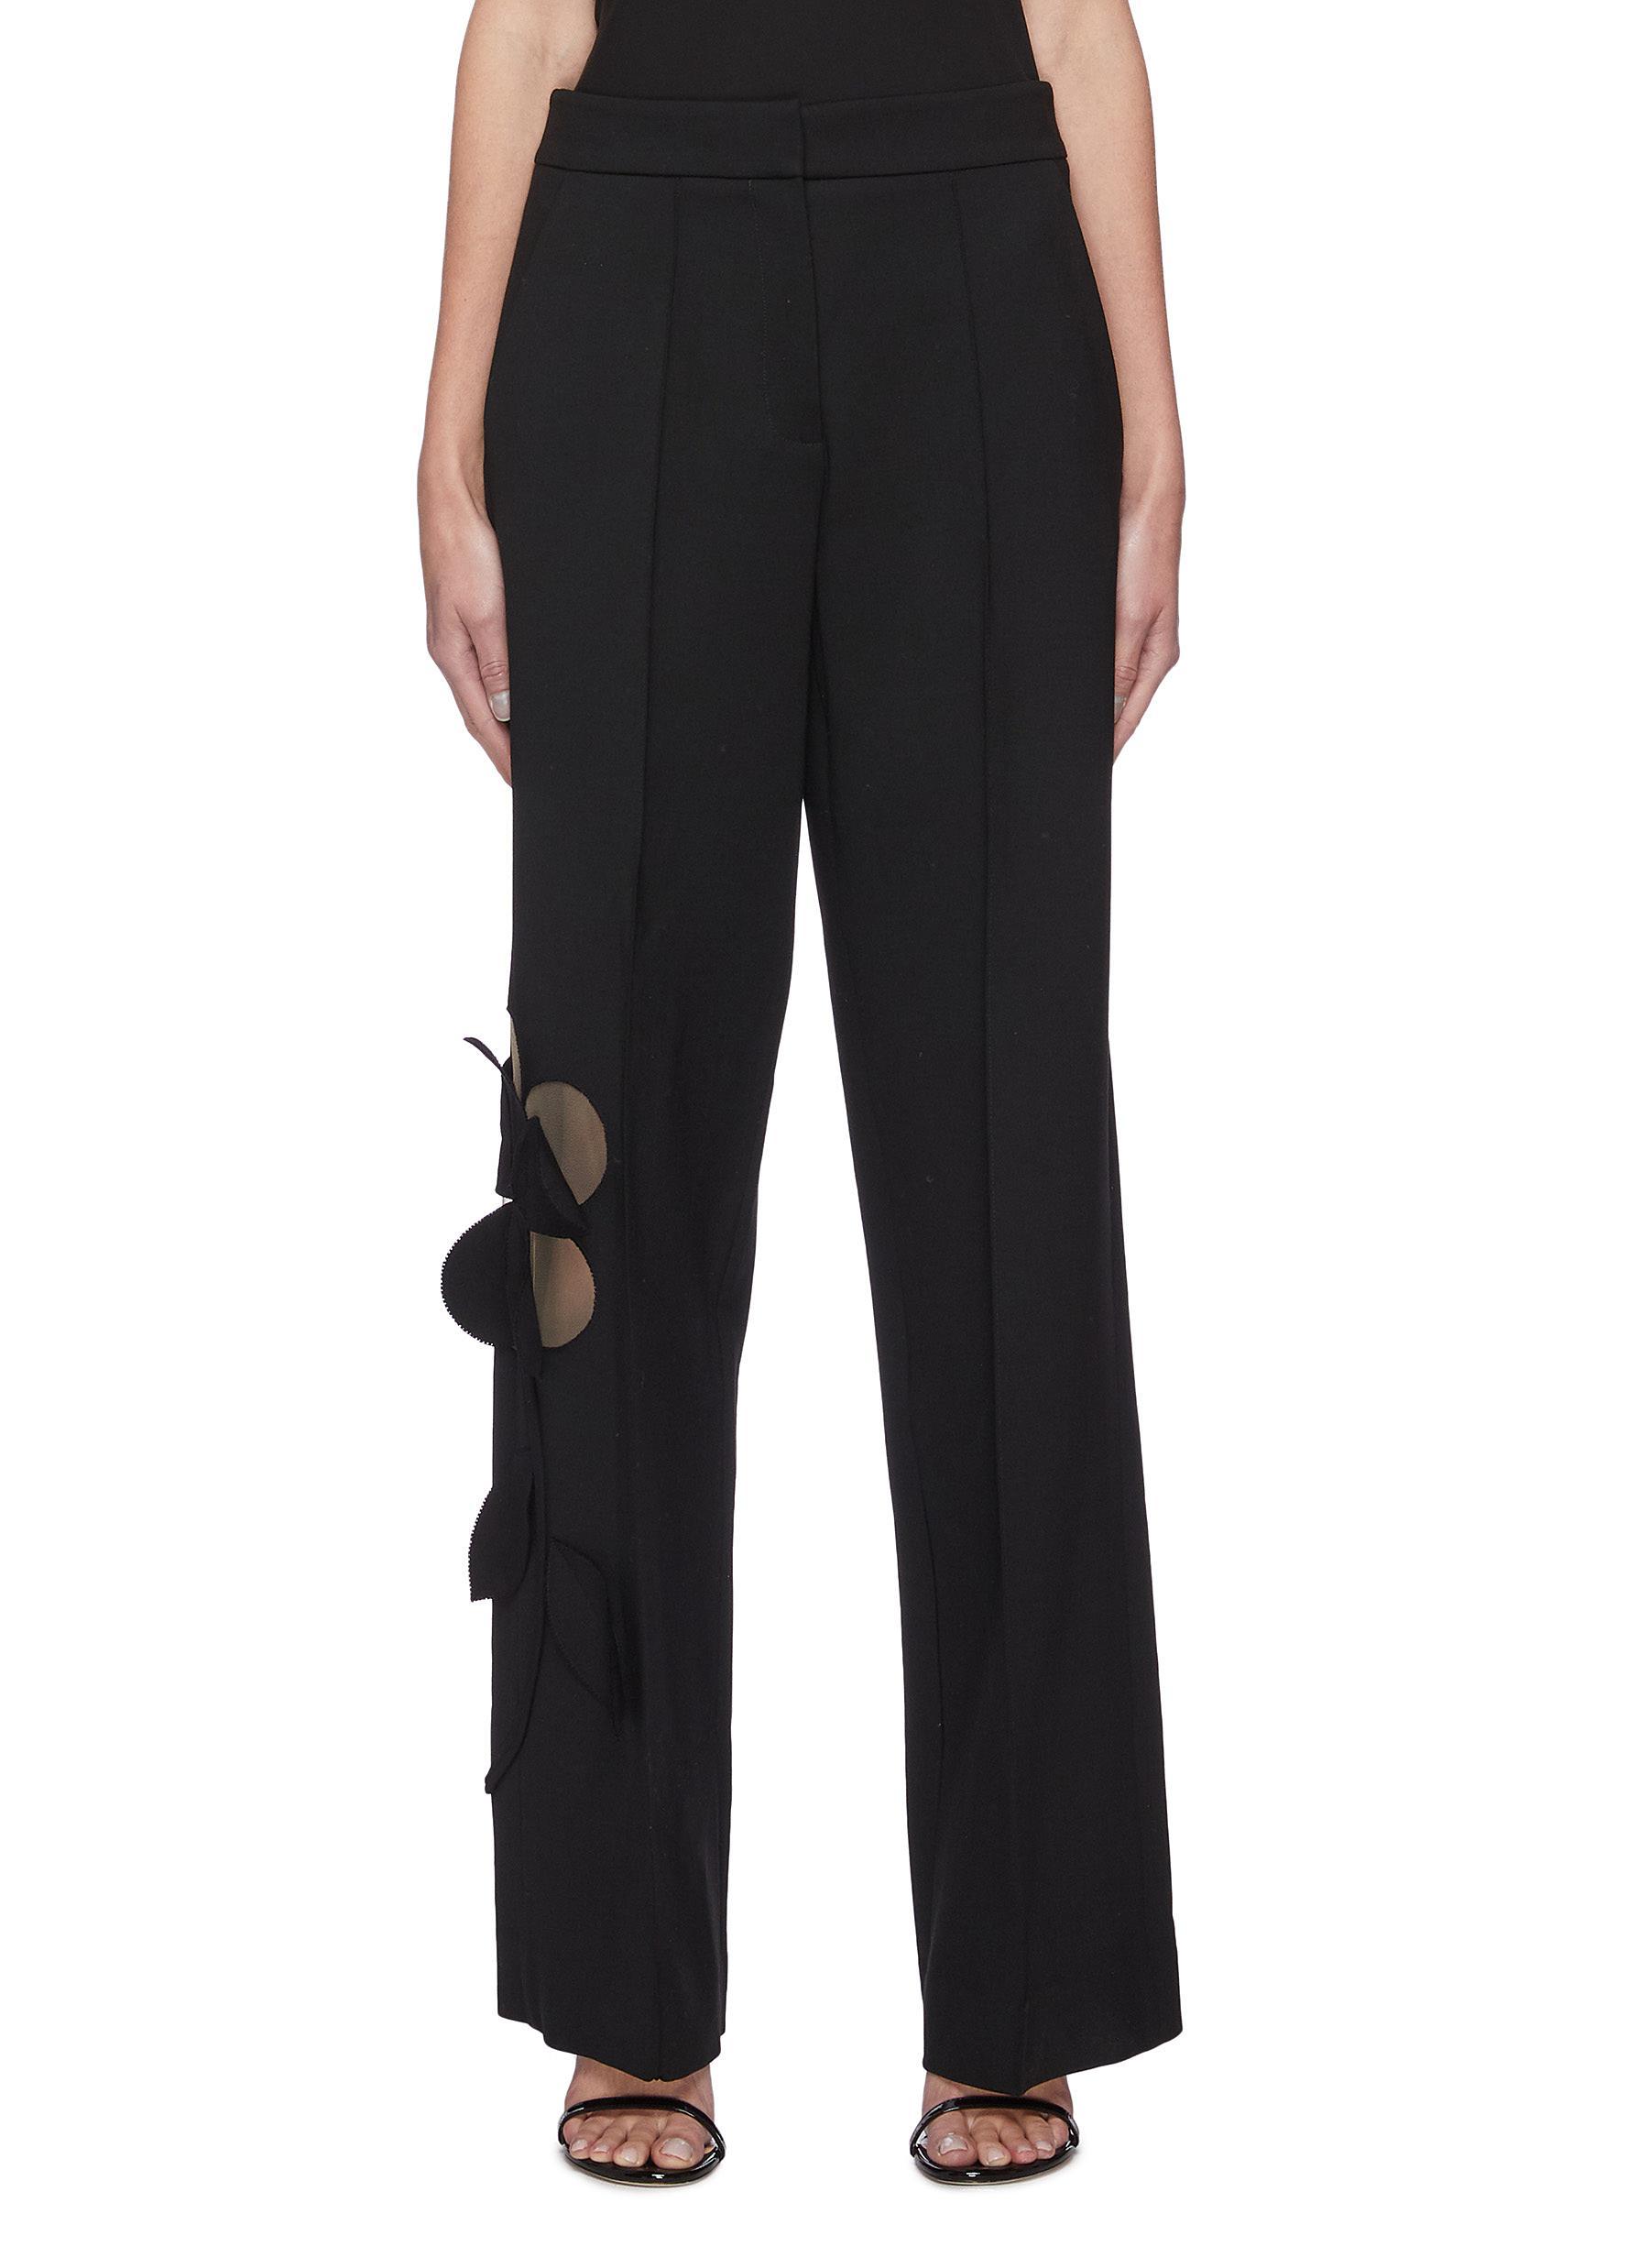 Oscar De La Renta Clothing Cut Out Floral Appliqué Wide Leg Virgin Wool Blend Pants